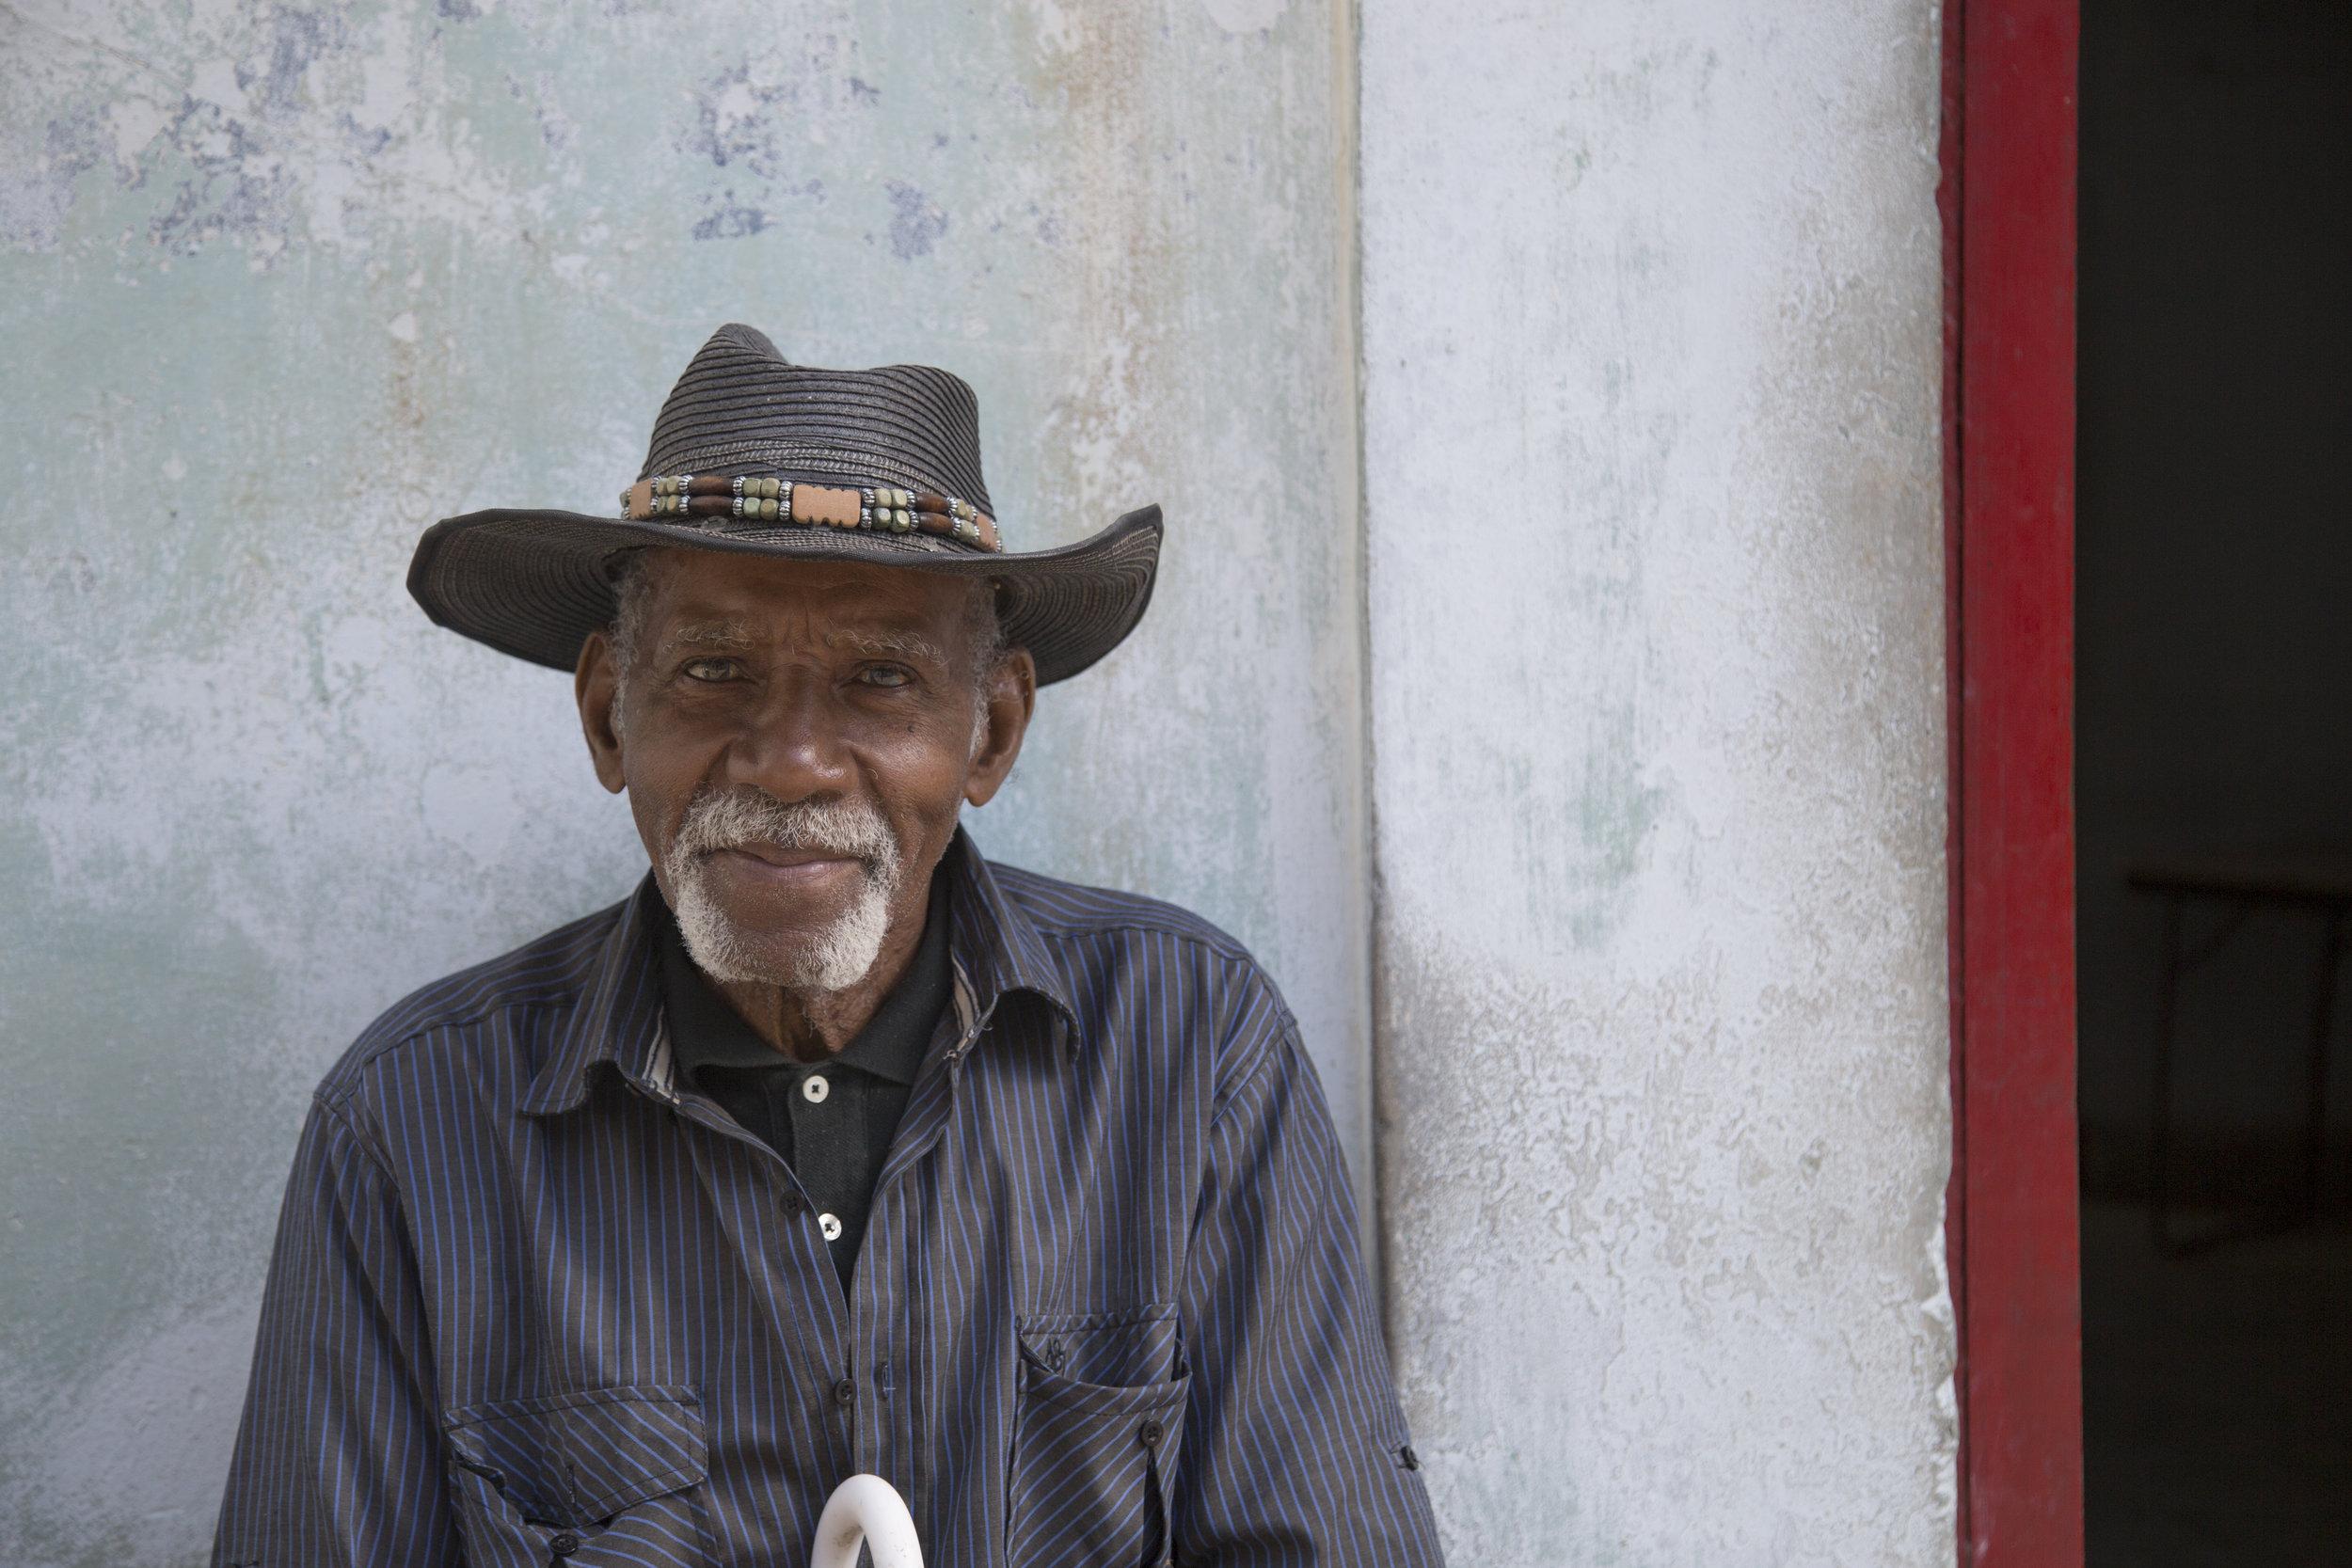 Peanut street vendor in Havana, Cuba